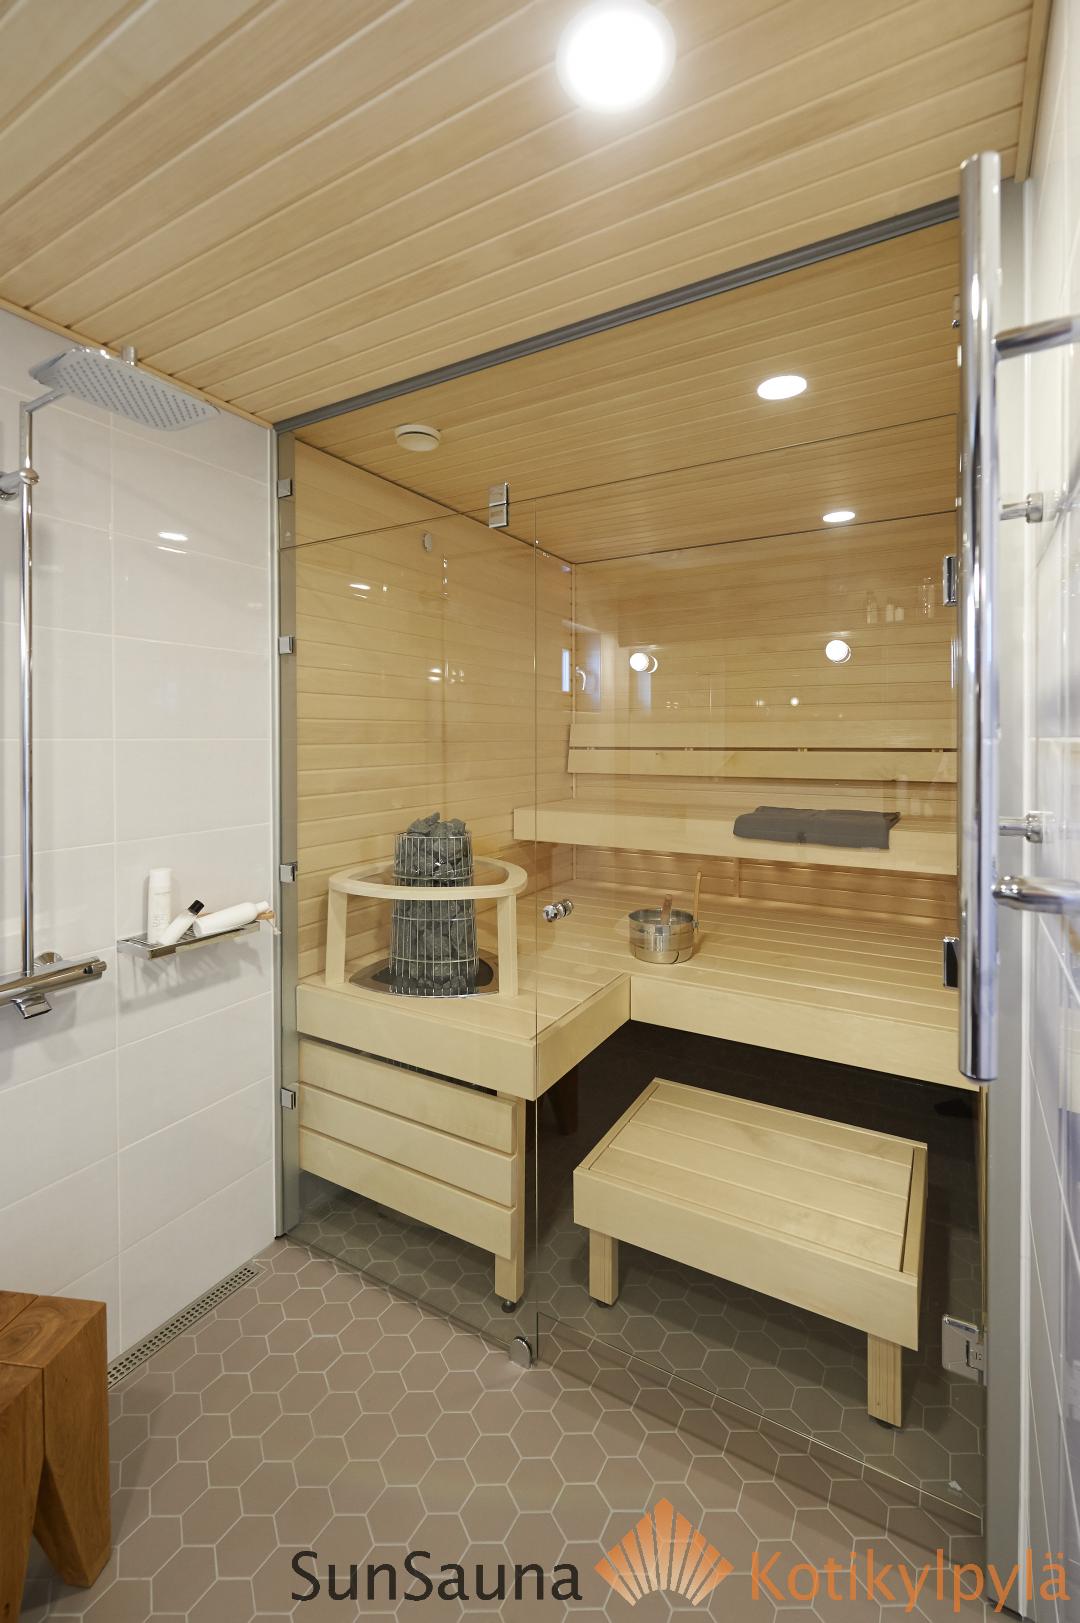 Sauna Saunaville Www Saunaville Com: Sun Sauna Relax XL-mallisto, Haapa, Lasiseinä, Harvia Kivi